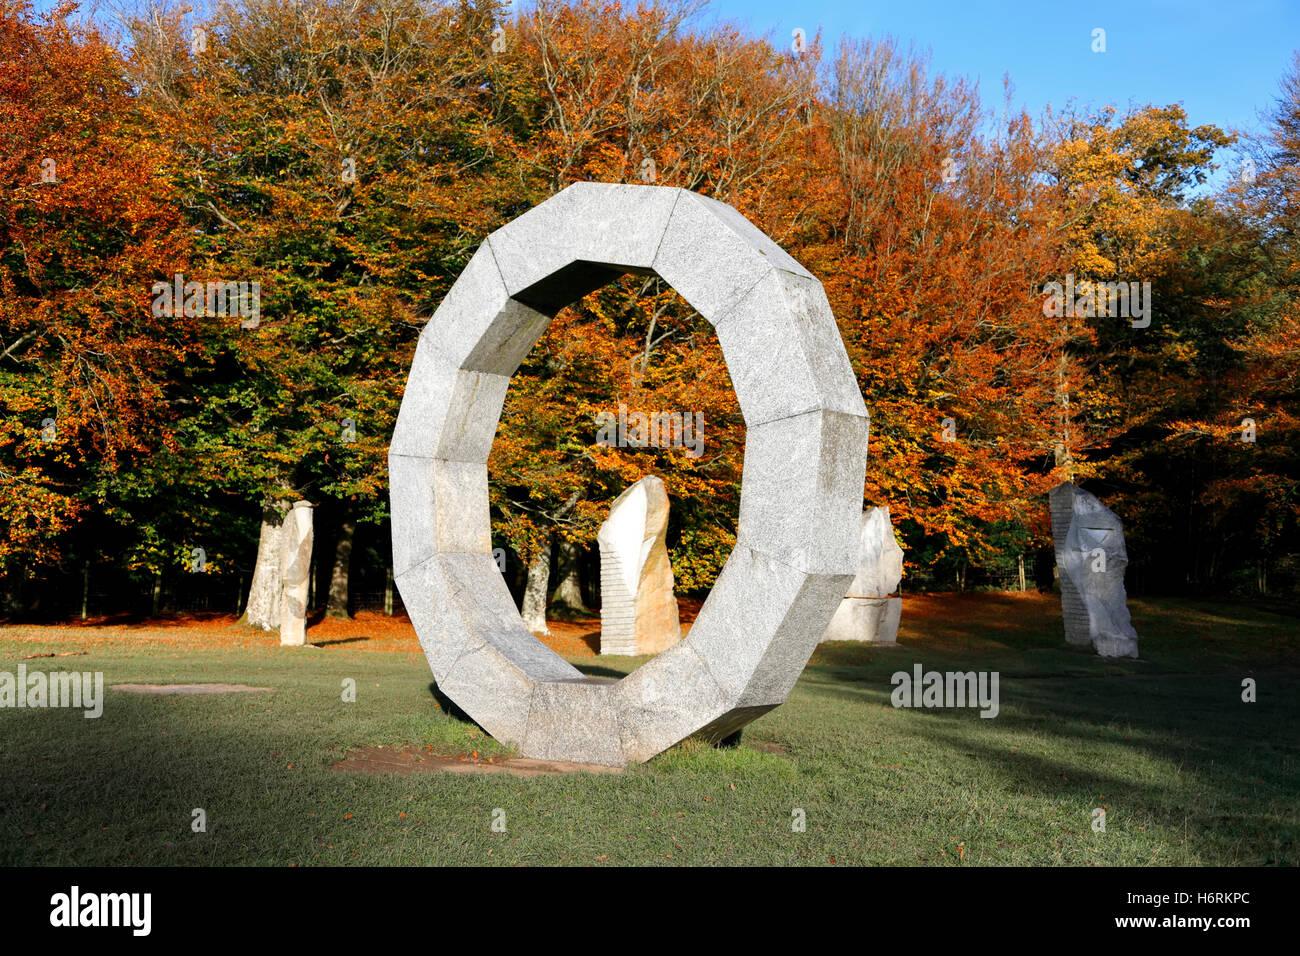 Heaven's Gate, longleat Safari & Adventure Park, Wiltshire, Regno Unito. Il 31 ottobre 2016. I colori autunnali Immagini Stock